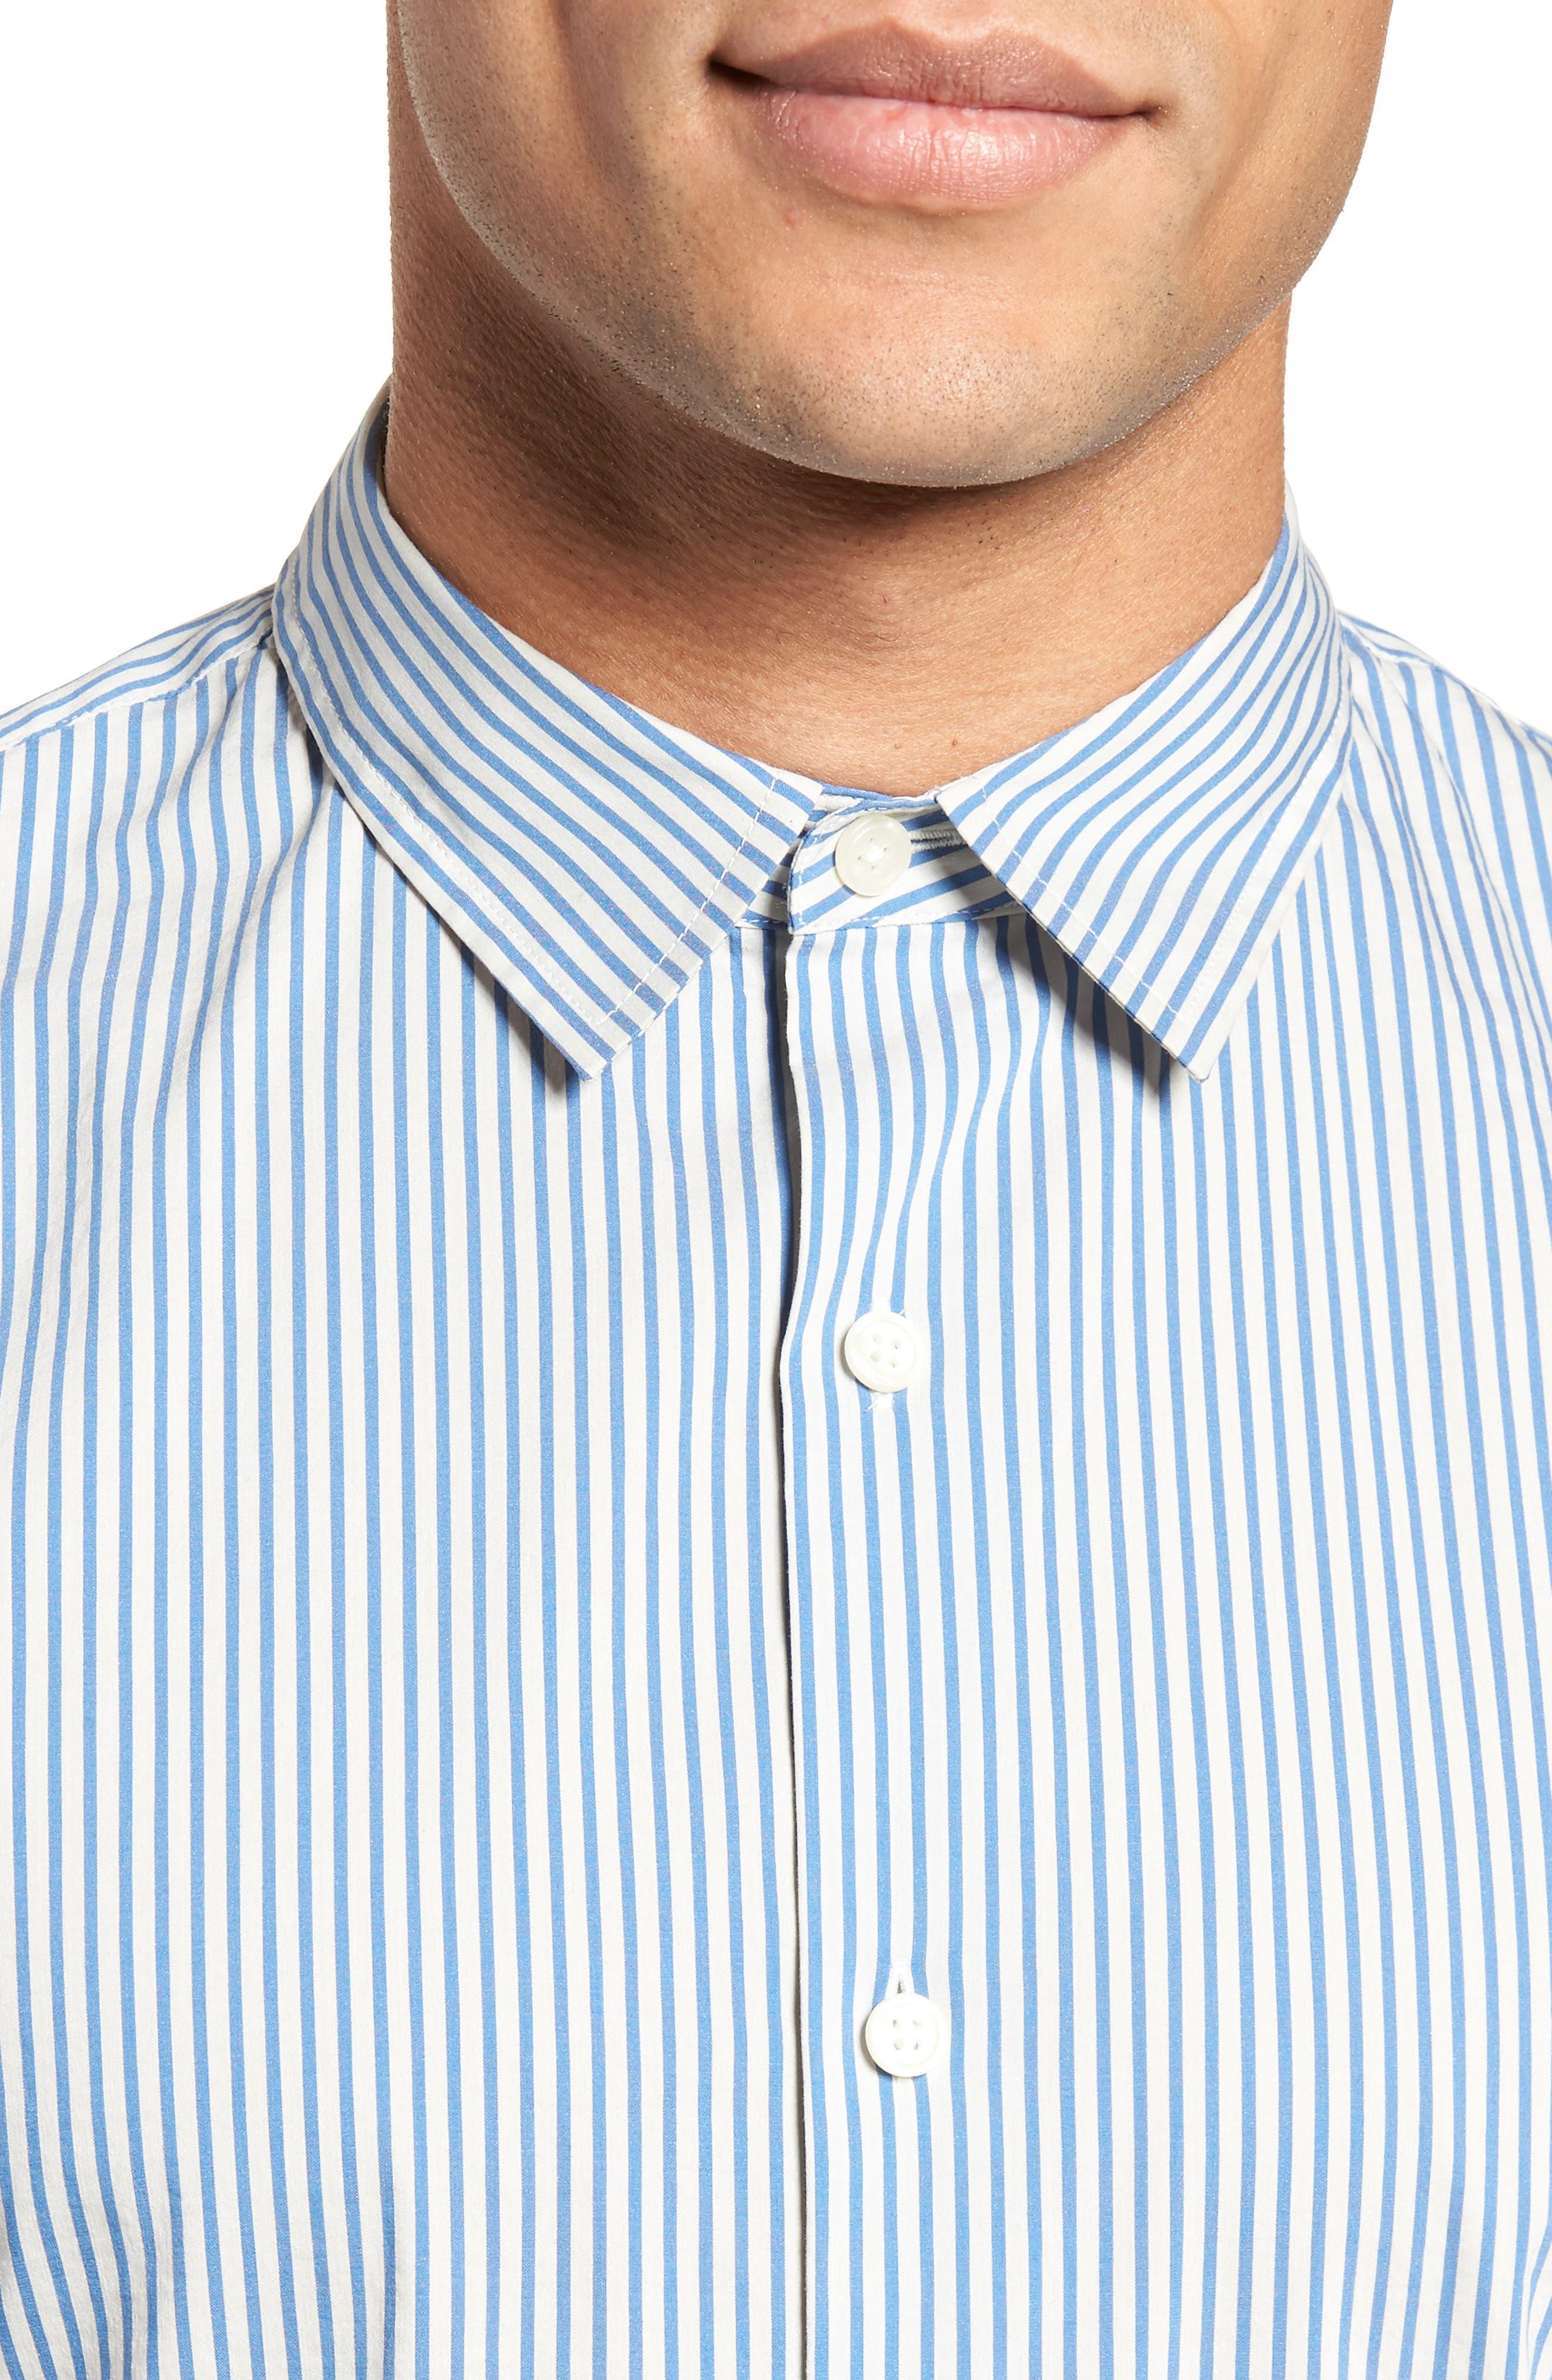 Regular Fit Stripe Sport Shirt,                             Alternate thumbnail 4, color,                             White/ Ocean Blue